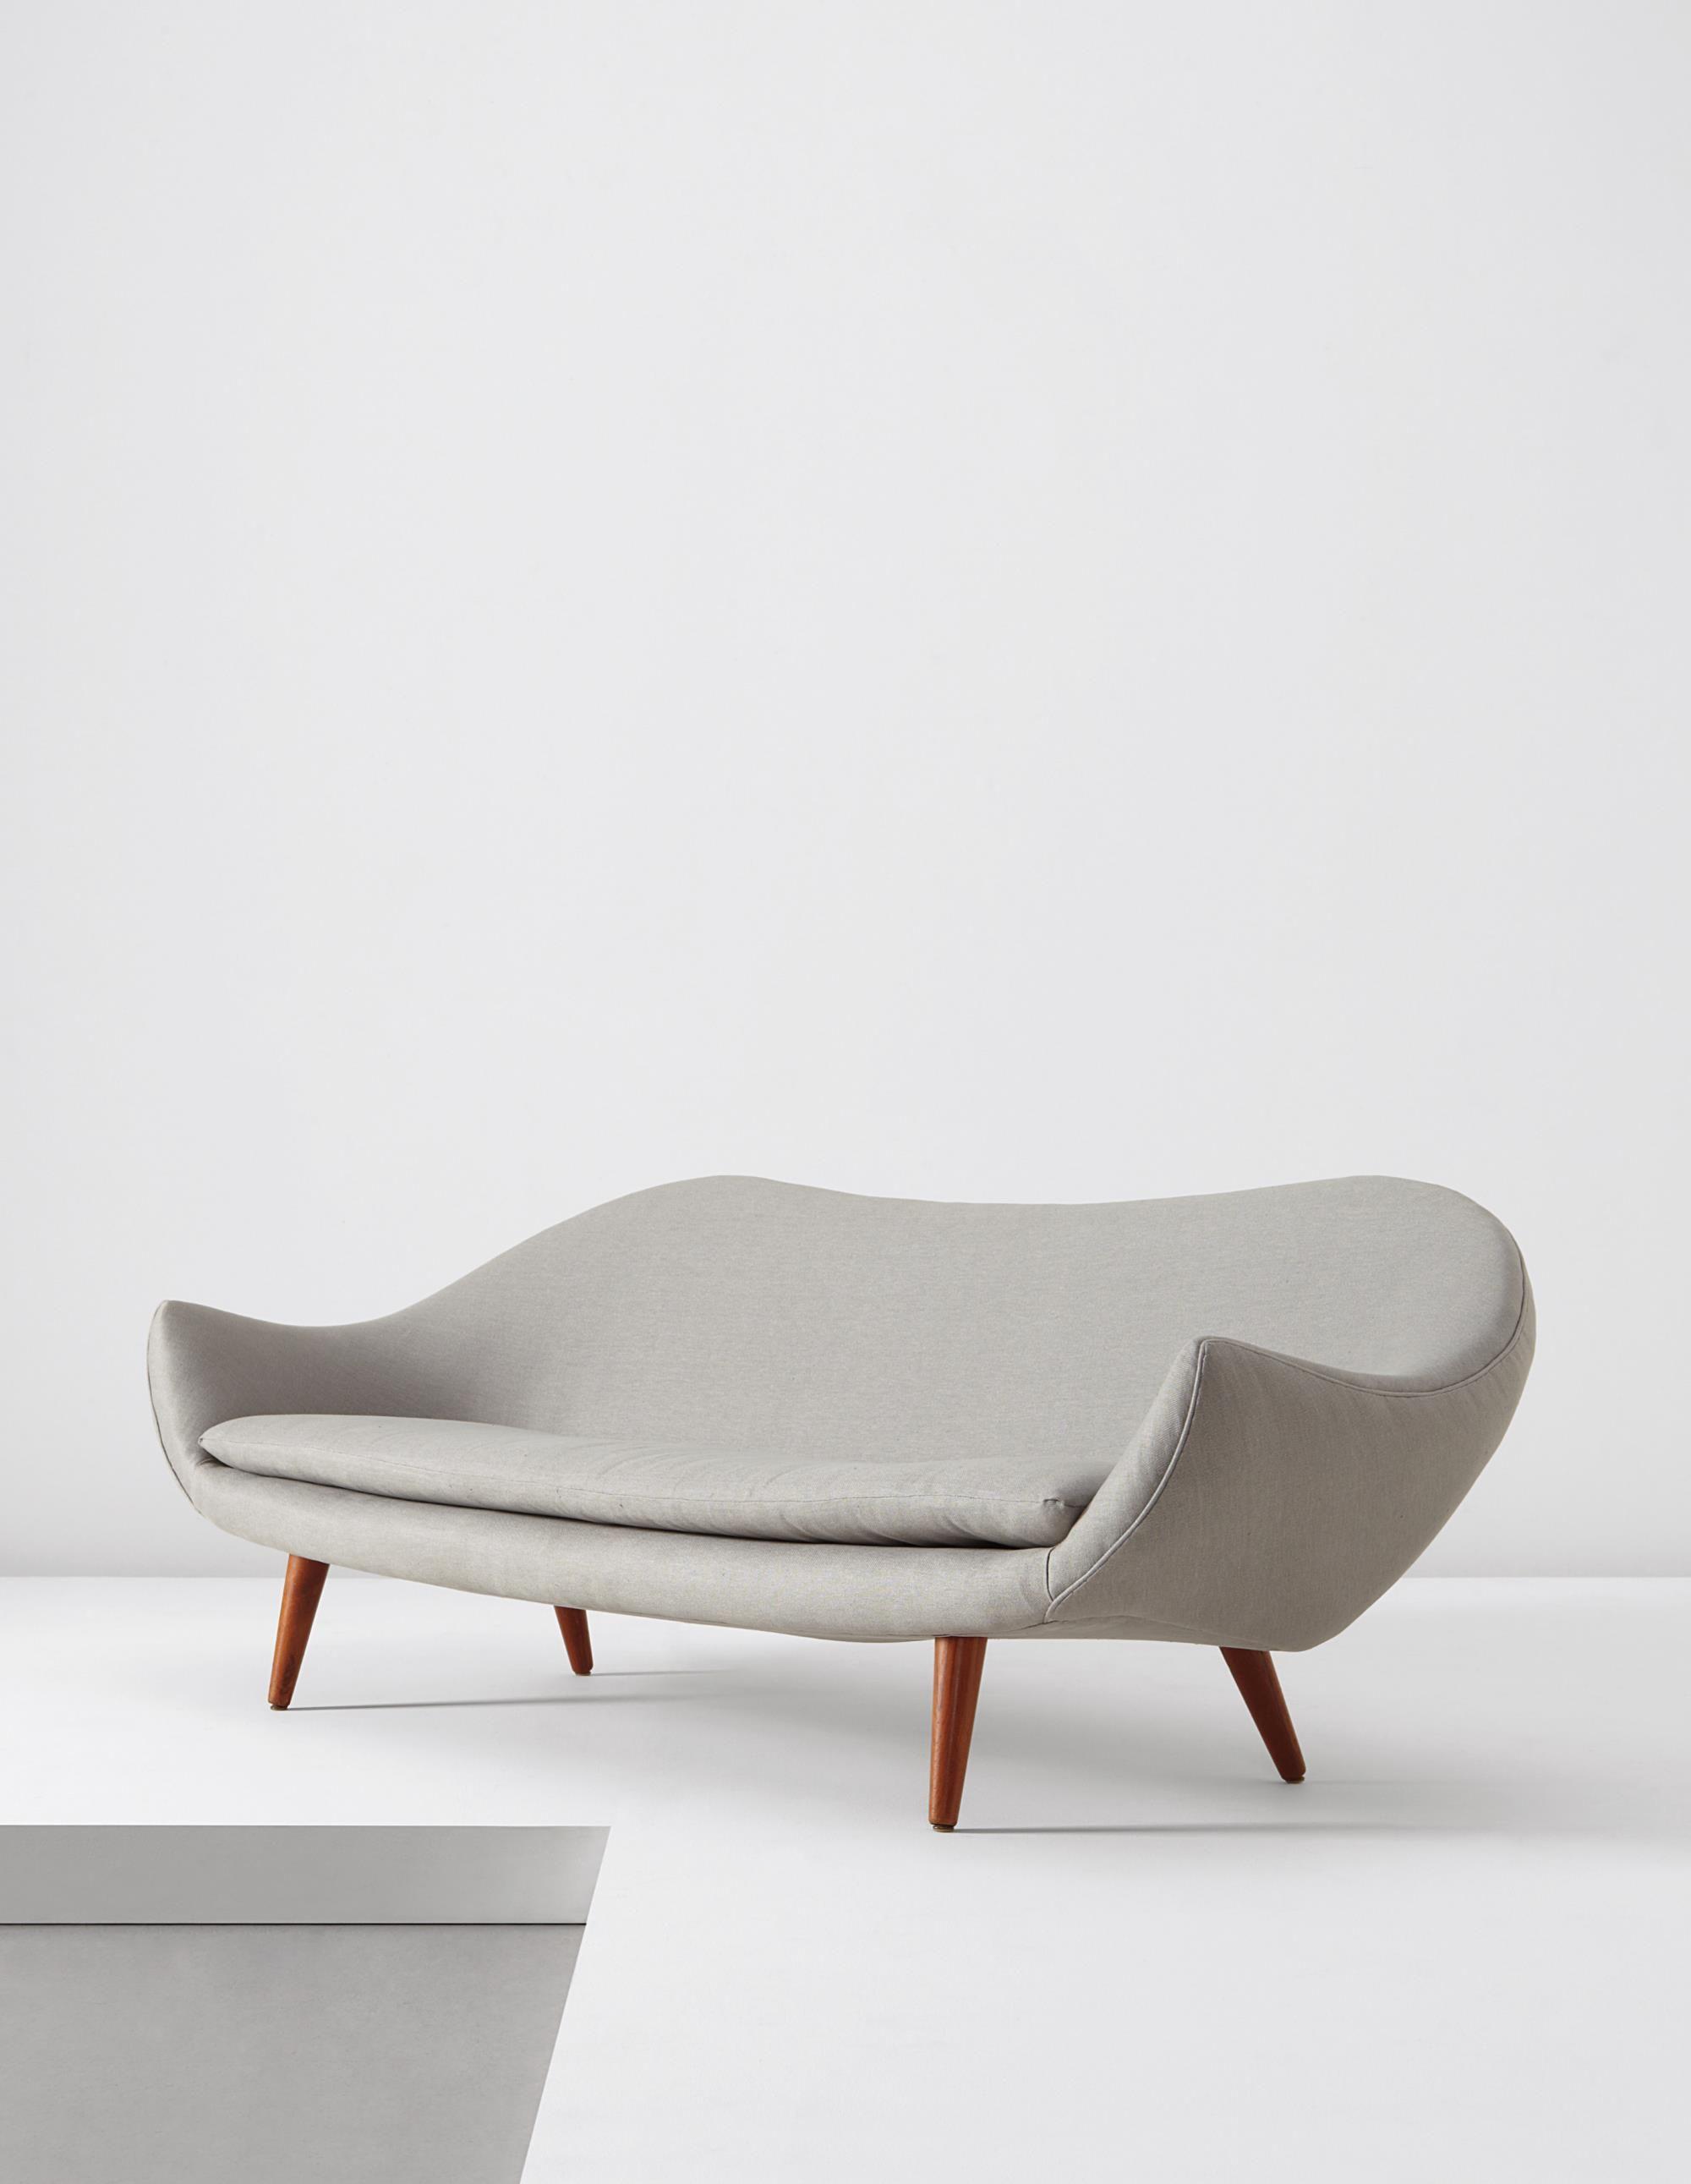 fredrik a kayser teak legged sofa for vatne møbler 1960s